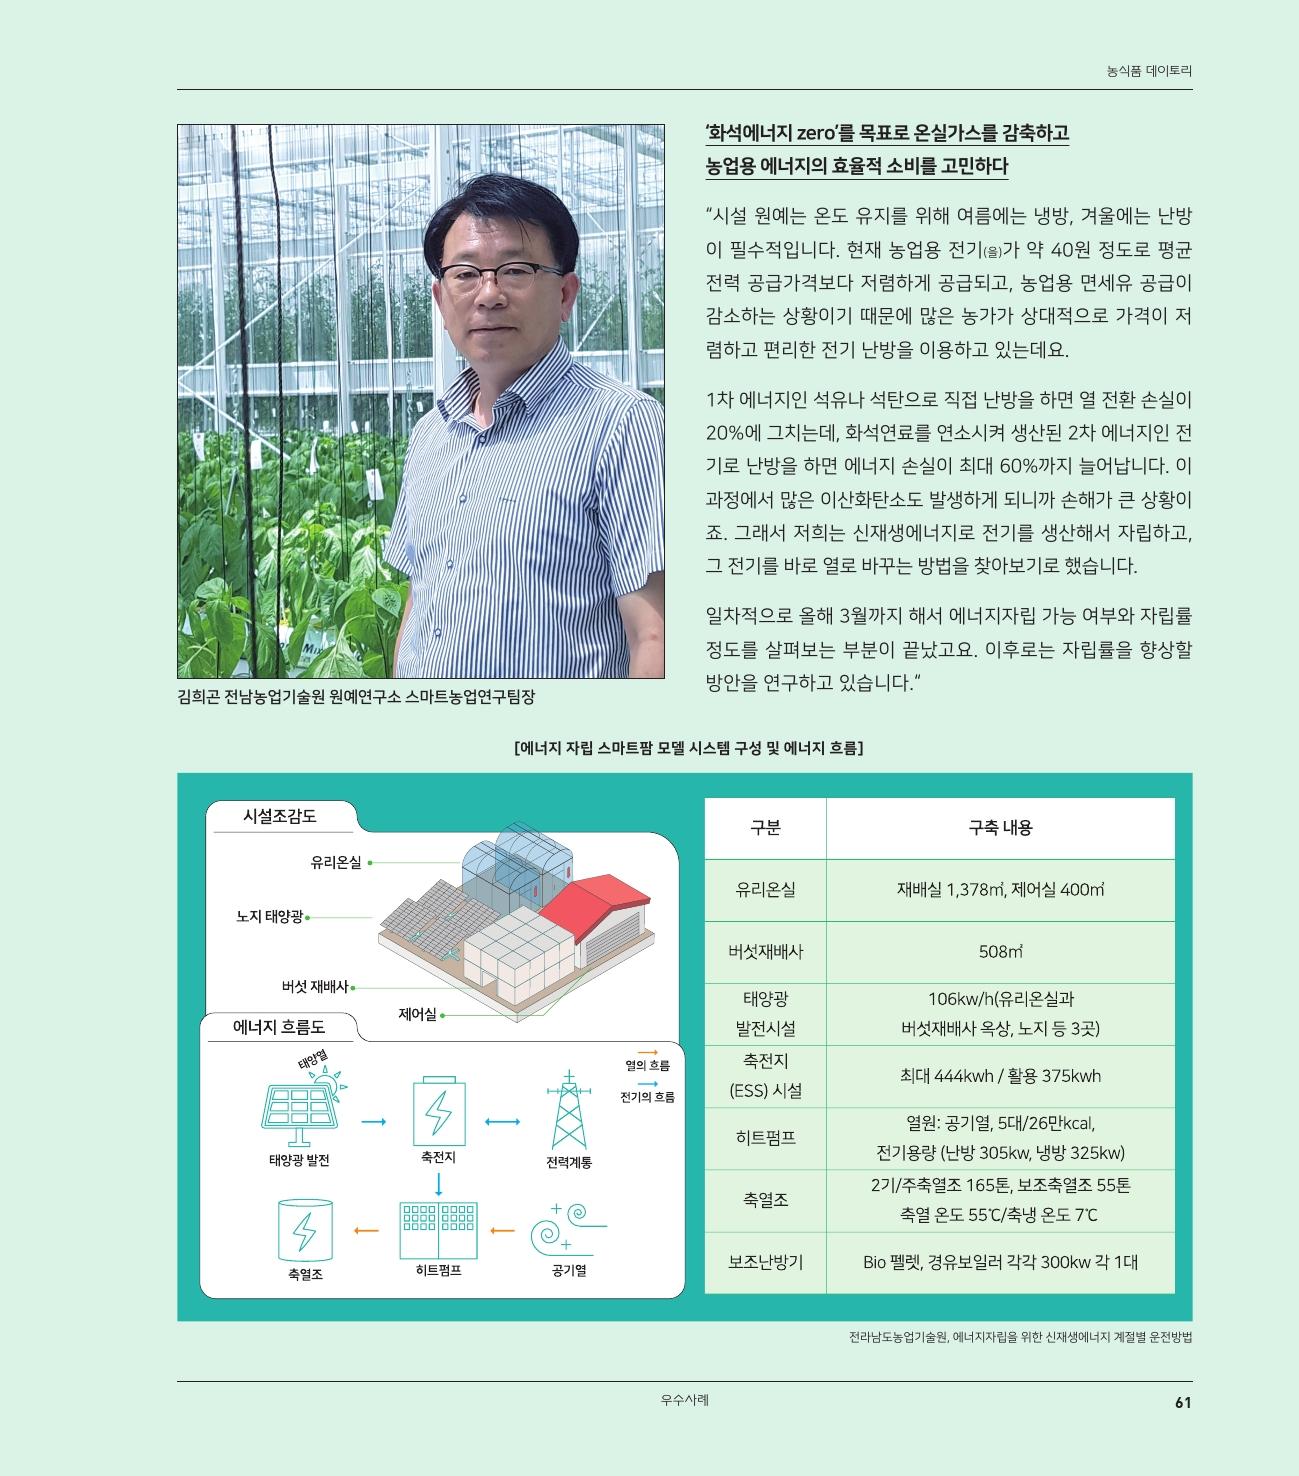 농식품 데이토리- (왼쪽 이미지)김희곤 전남농업기술원 원예연구소 스마트농업연구팀장 (오른쪽 내용) '화석에너지 zero'를 목표로 온실가스를 감축하고 농업용 에너지의 효율적 소비를 고민하다,